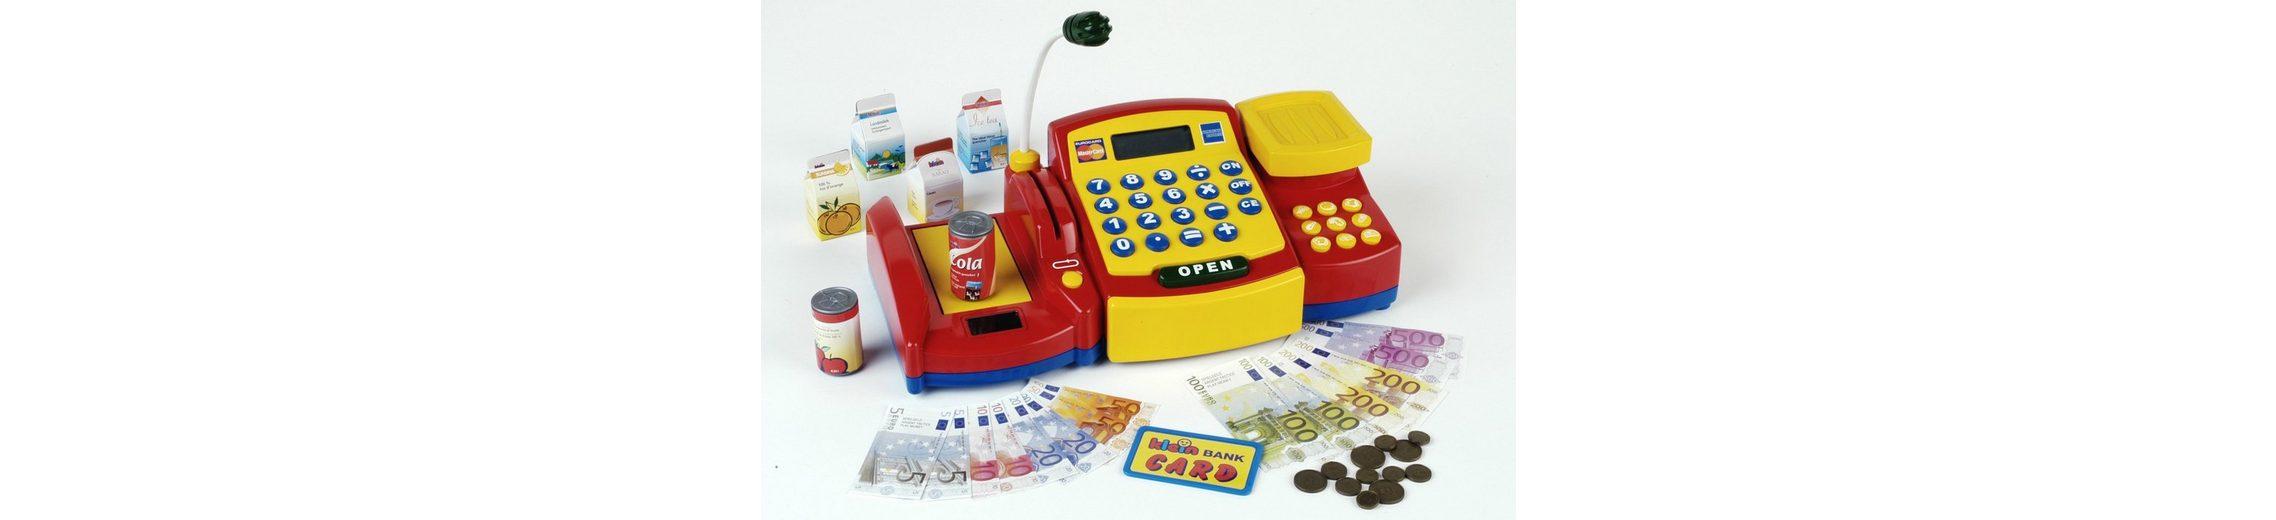 Klein Spielkasse, »Kassen- und Wiegestation«